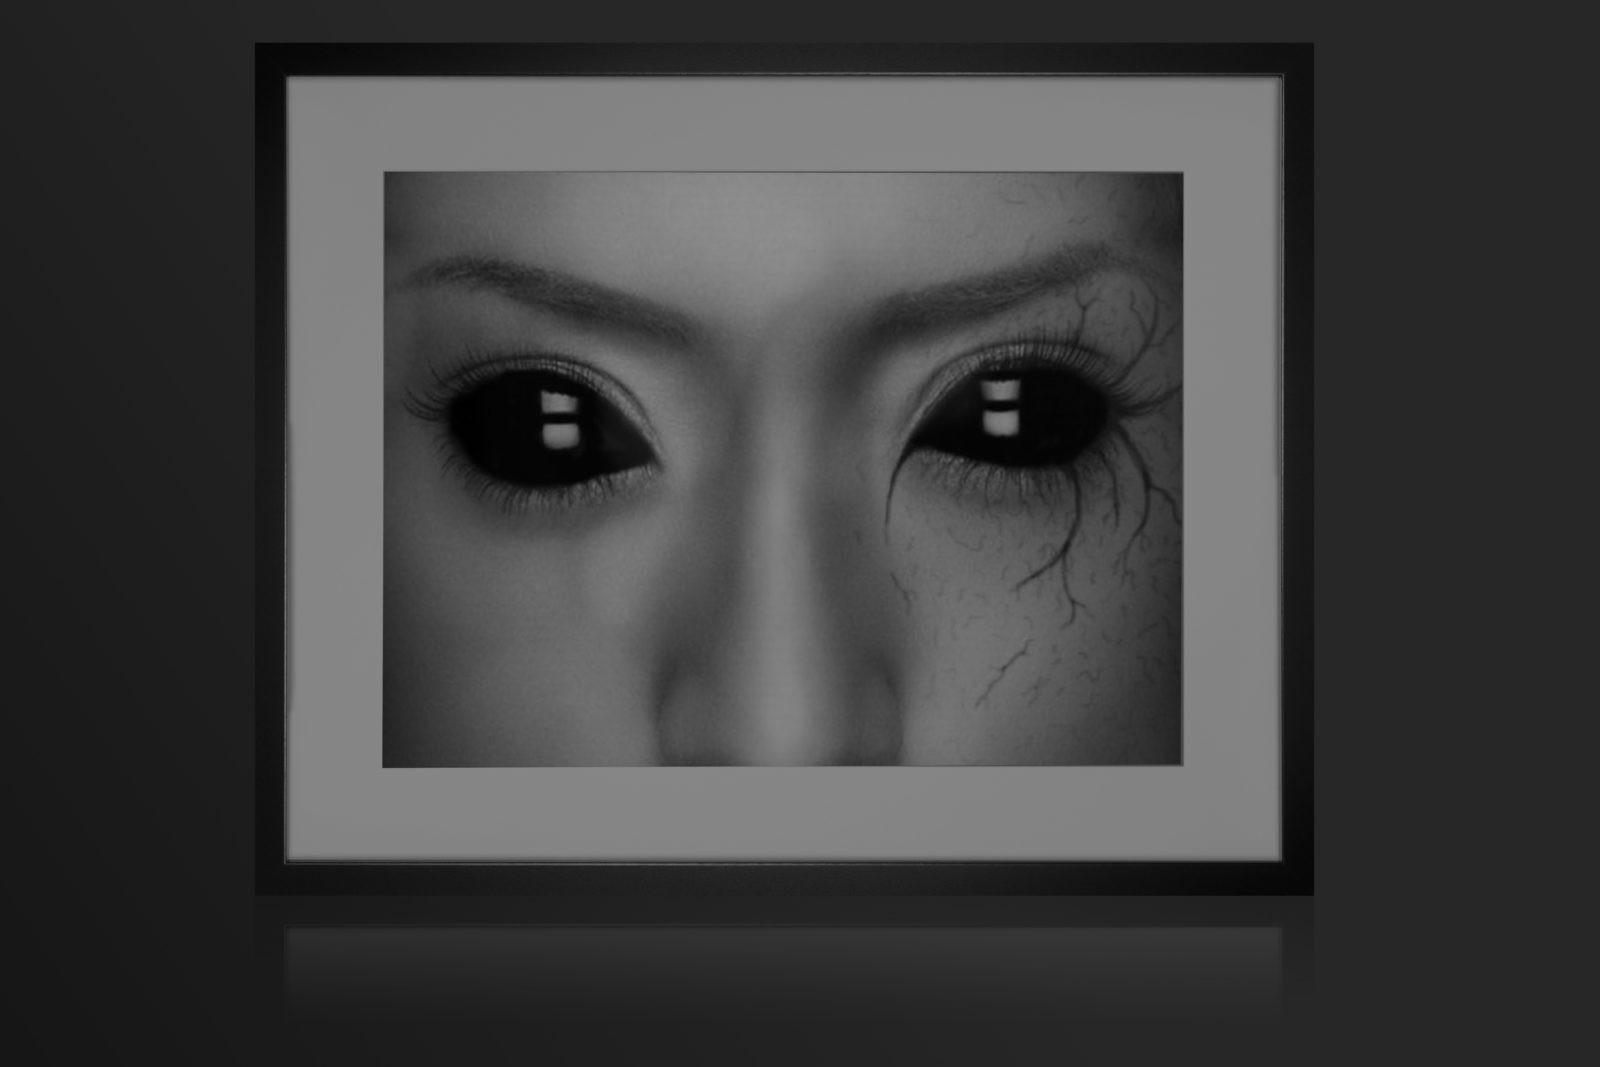 Истории о встречах с людьми с черными глазами